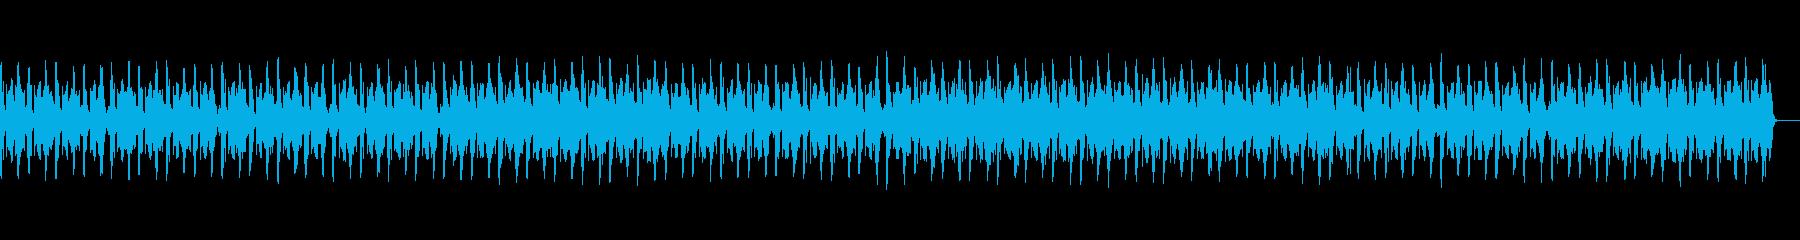 トランス風ドラムンベースの再生済みの波形